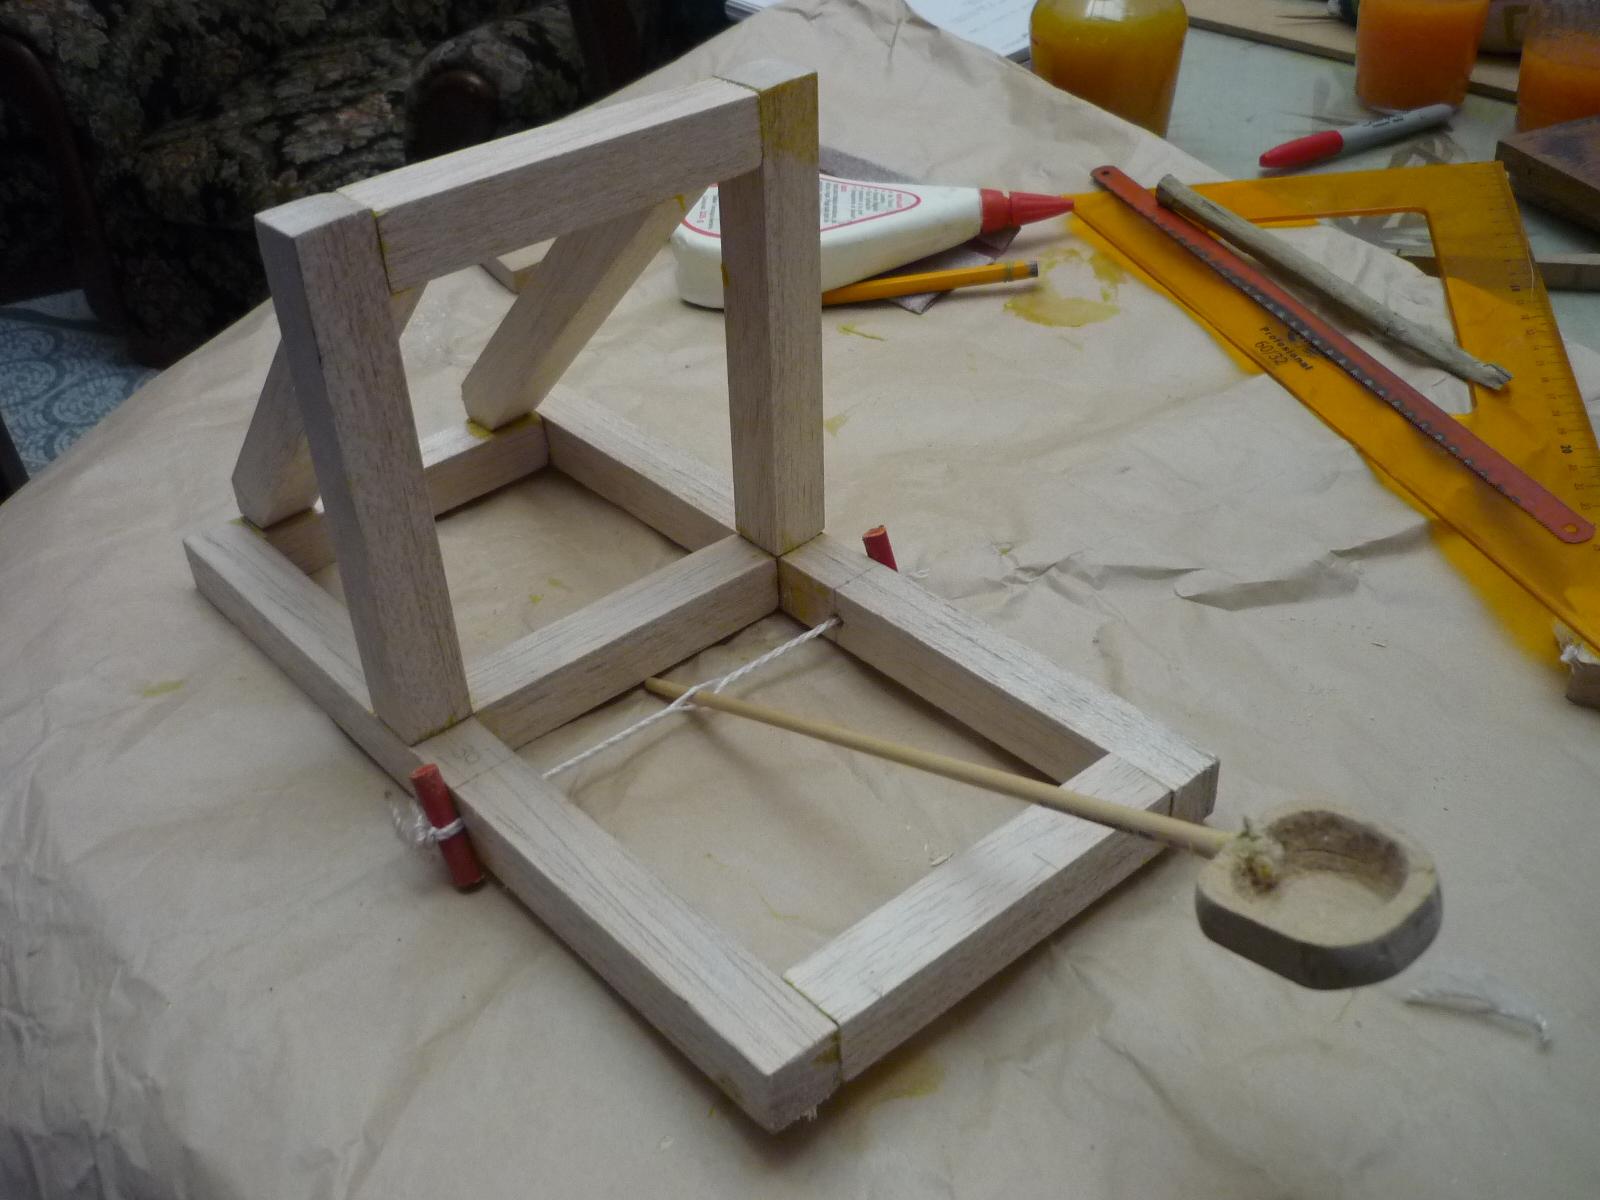 Como hacer una catapulta - Como hacer una claraboya ...